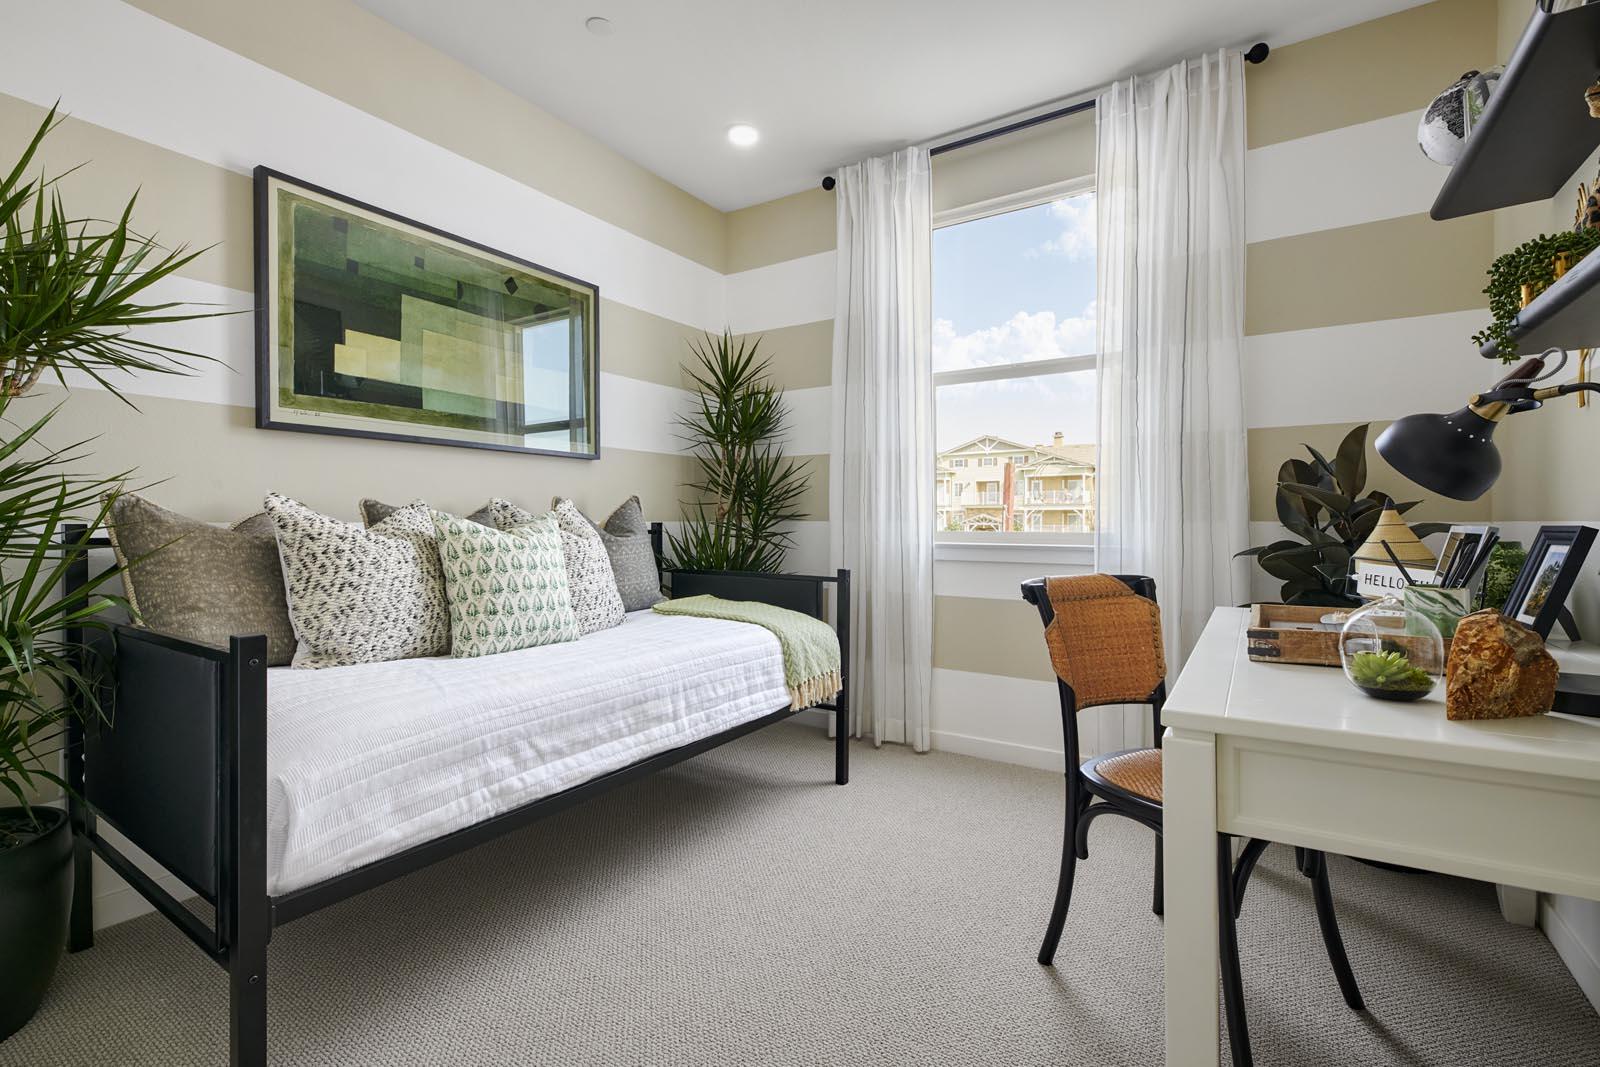 Bedroom | Residence 3 | Aspire | New Homes in Rancho Cucamonga, CA | Van Daele Homes